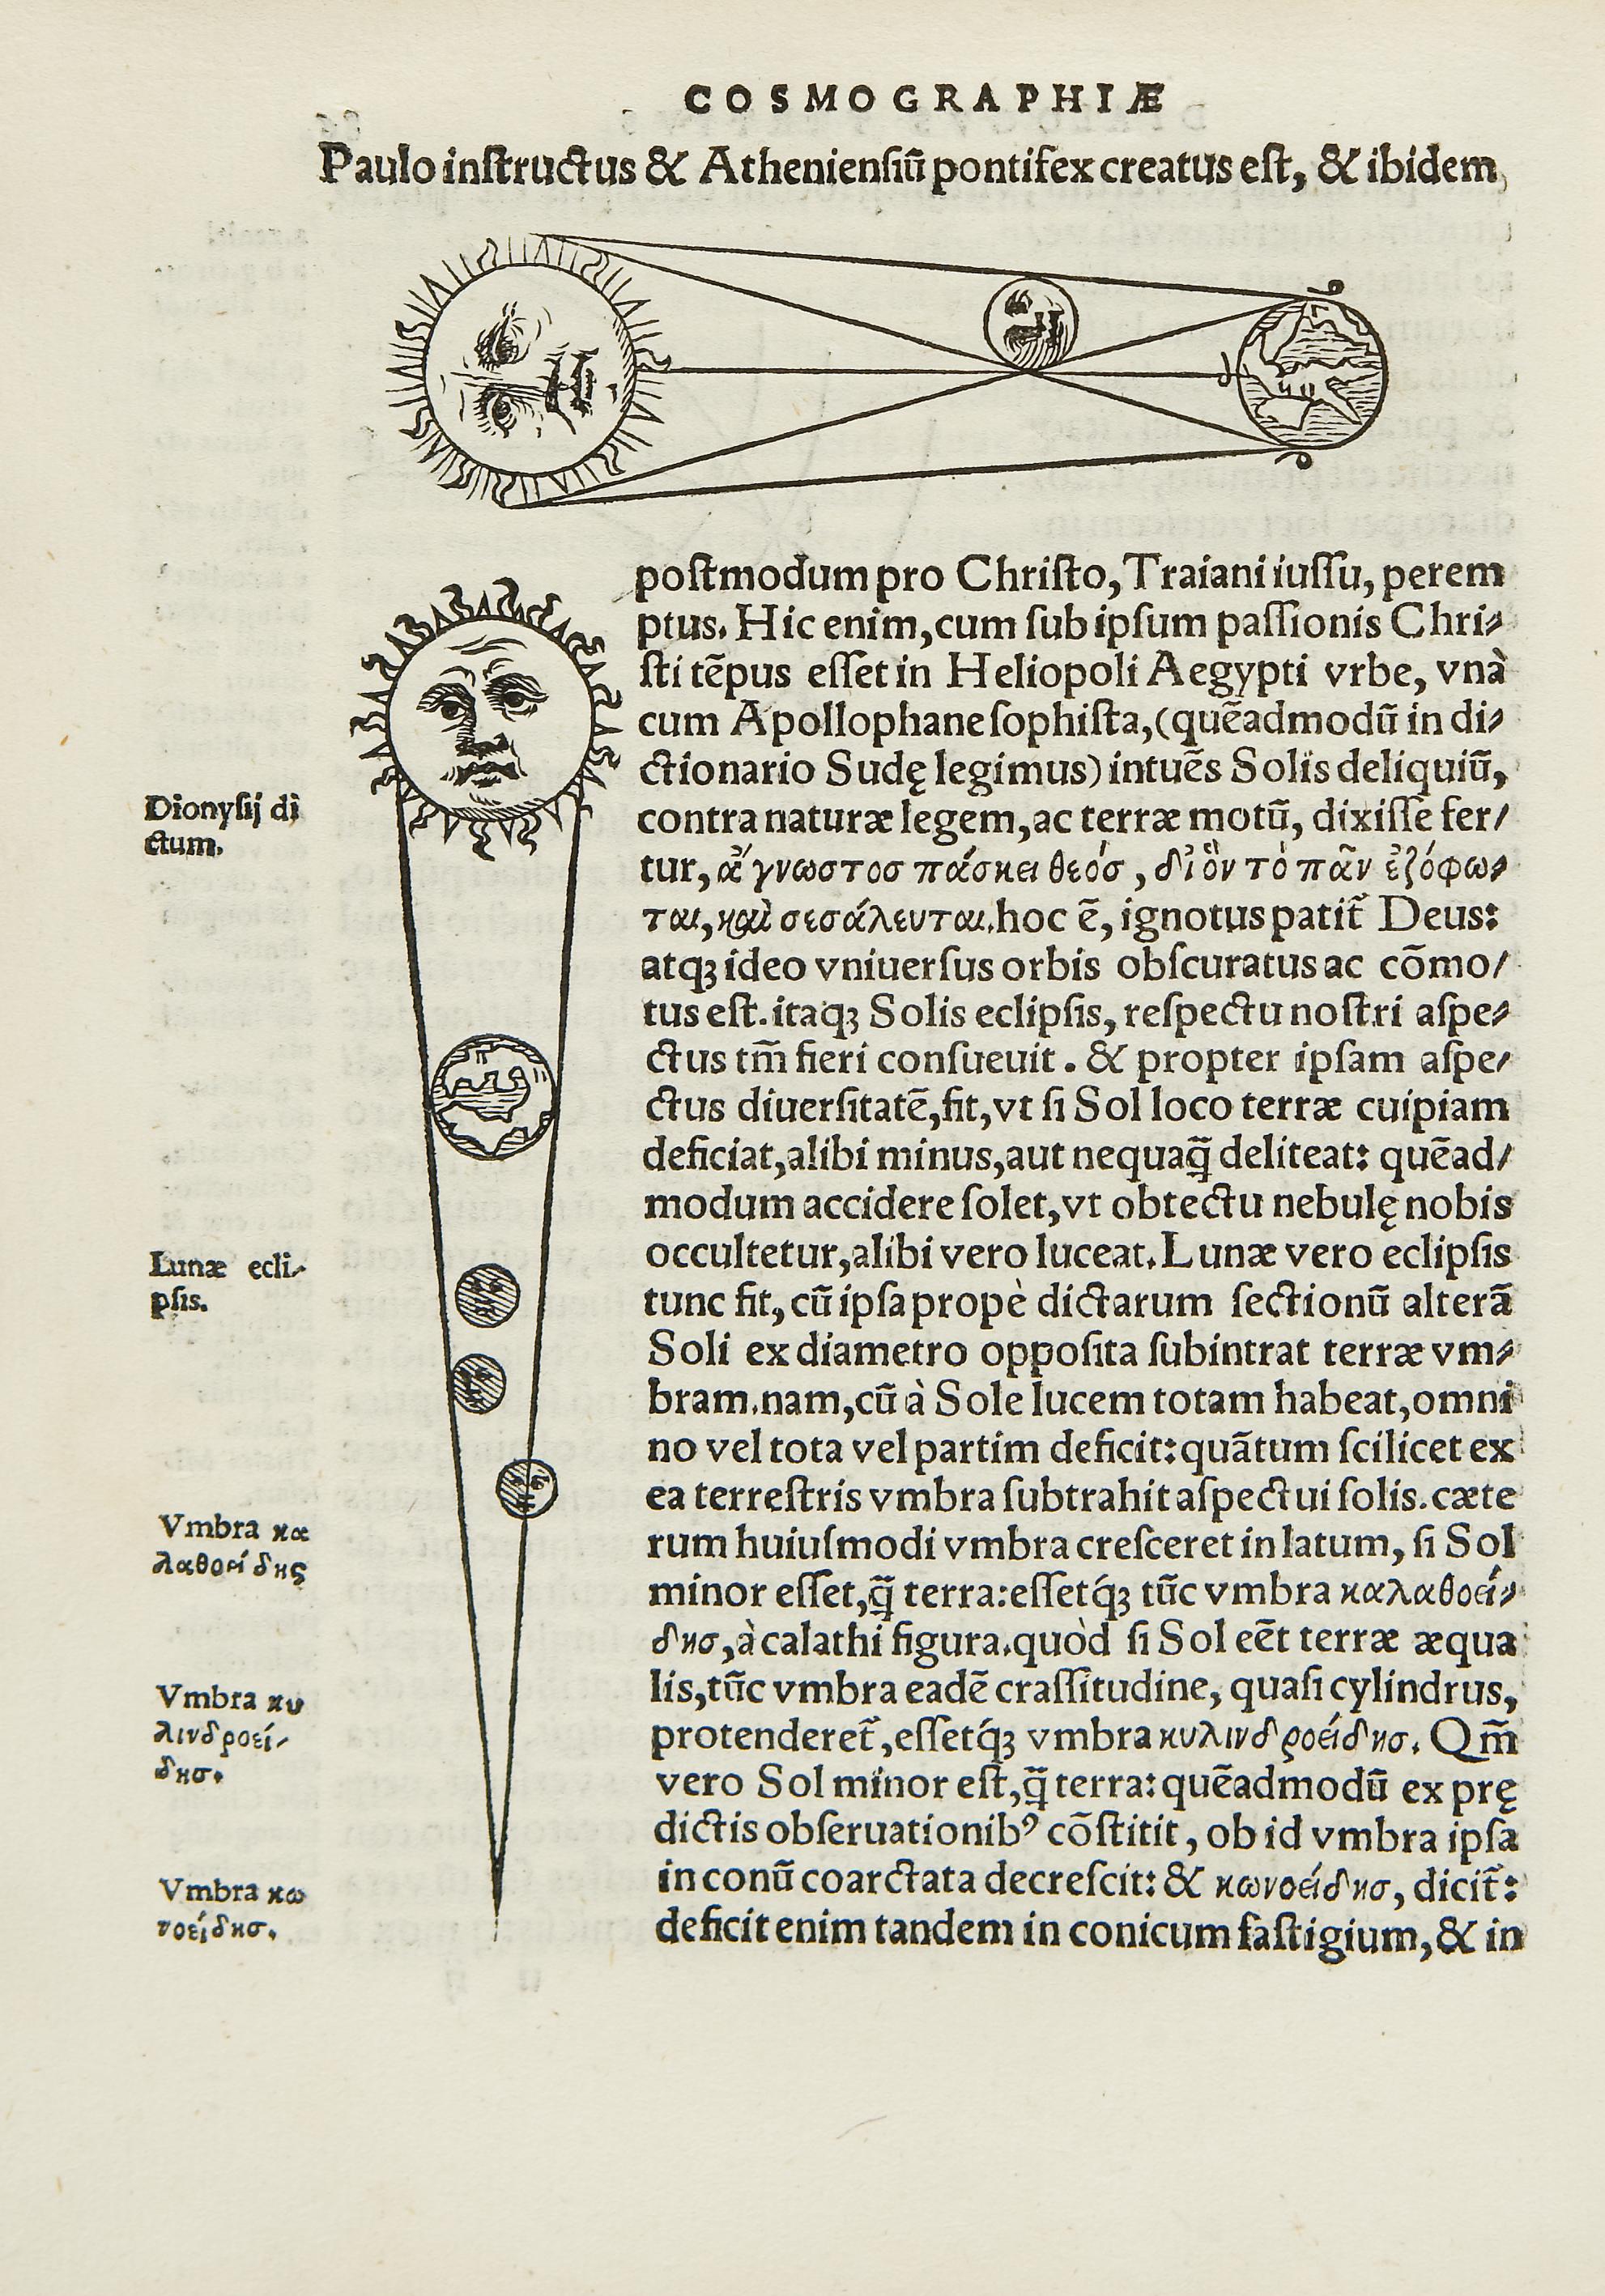 Cosmographia … in tres dialogos distincta: in quibus de forma, situ, numeroque tam coelorum quam elementorum aliisque rebus ad astronomica rudimenta spectantibus satis differitur.